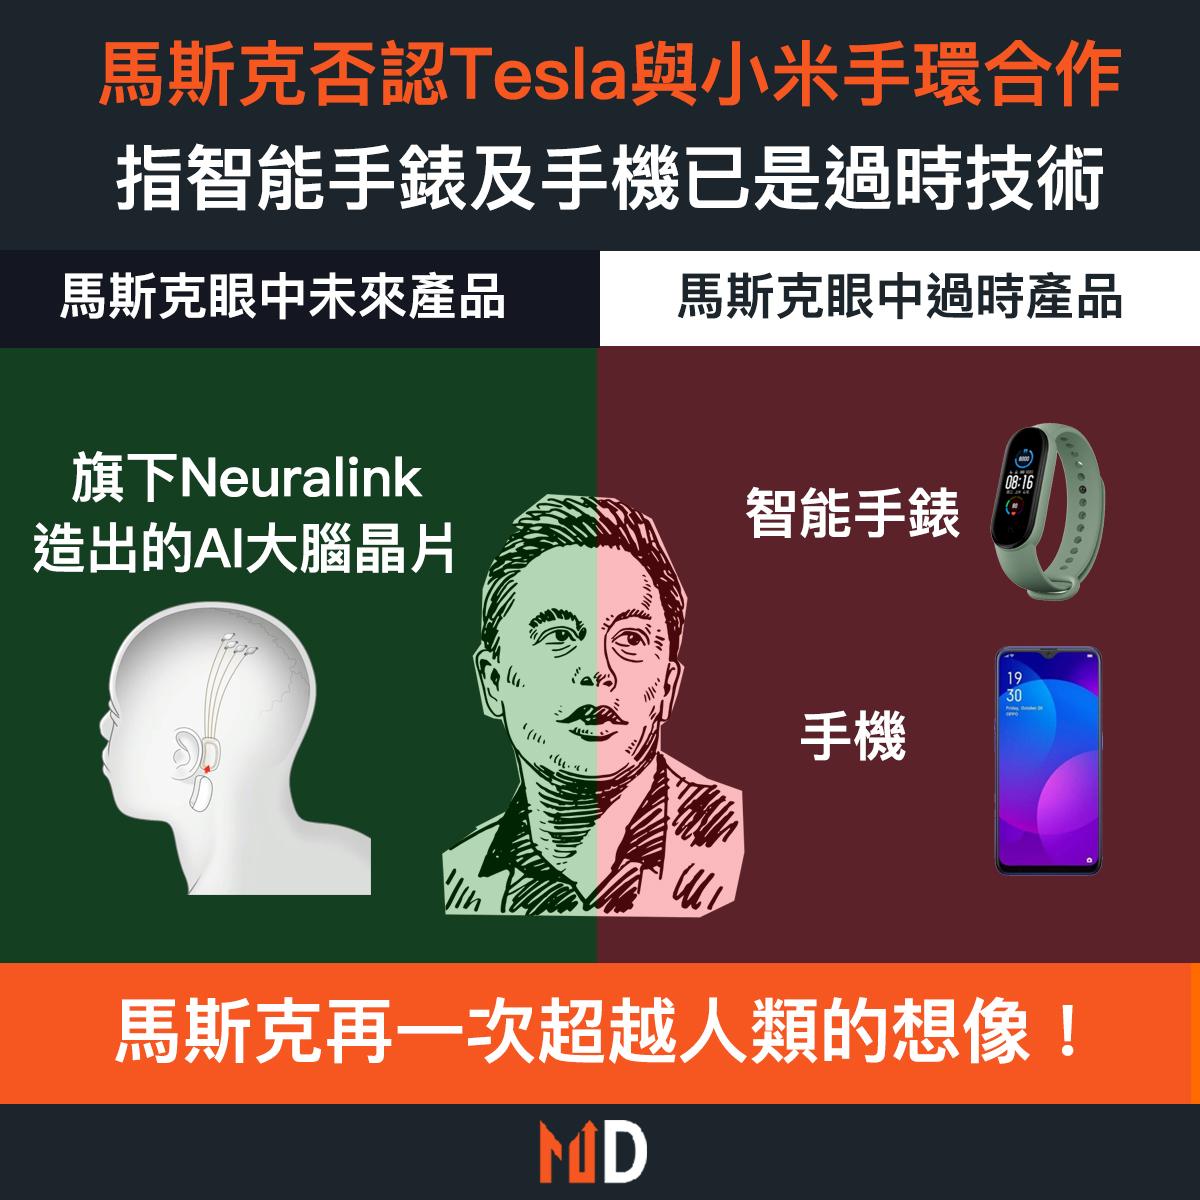 【市場熱話】馬斯克否認Tesla與小米手環合作:智能手錶及手機已是過時技術